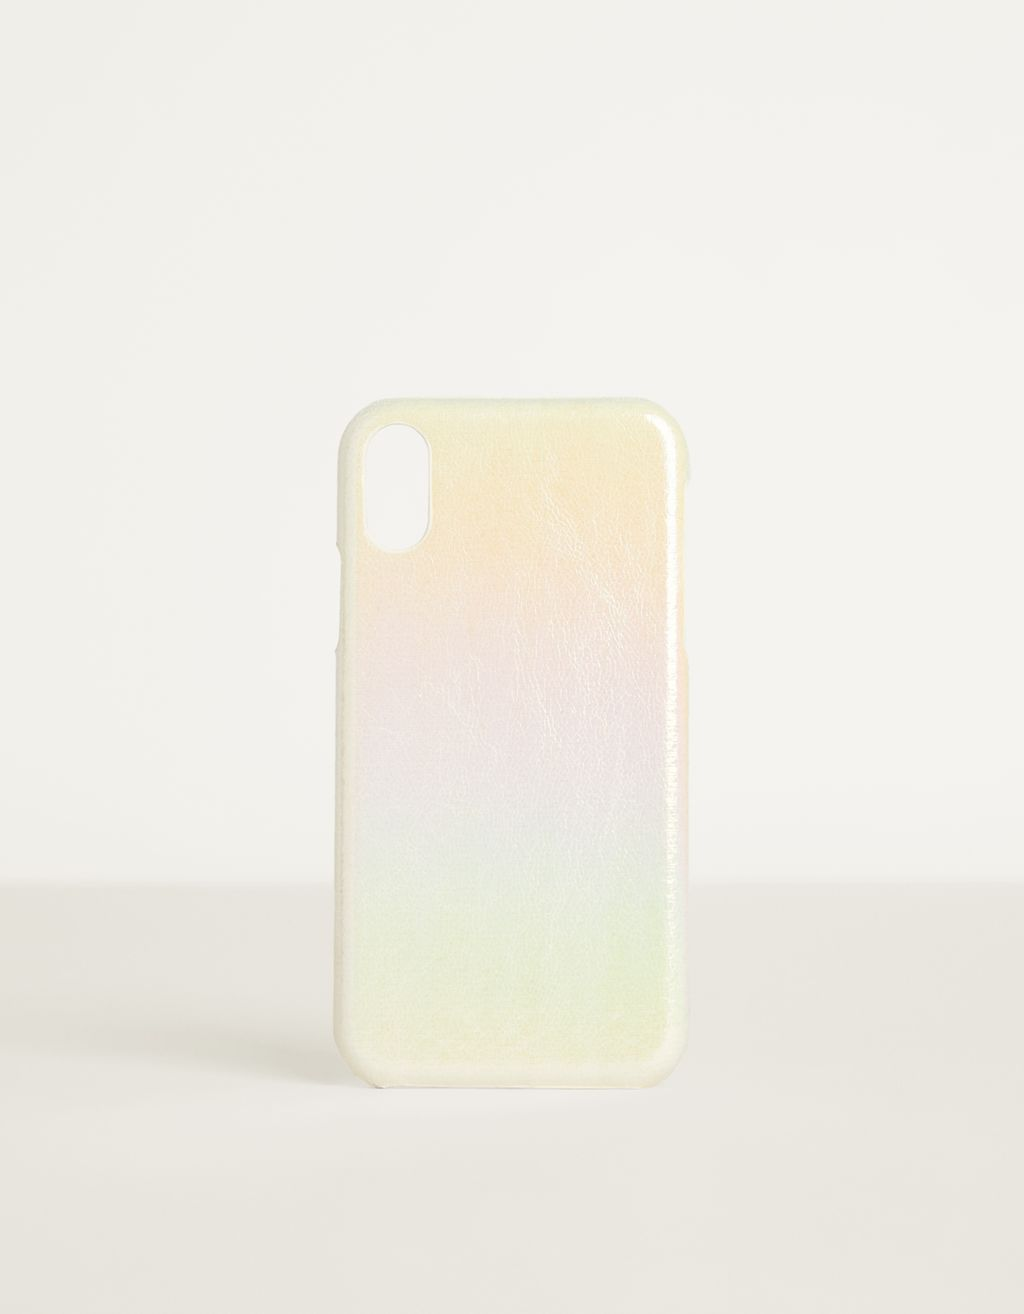 Iridescent iPhone XR case